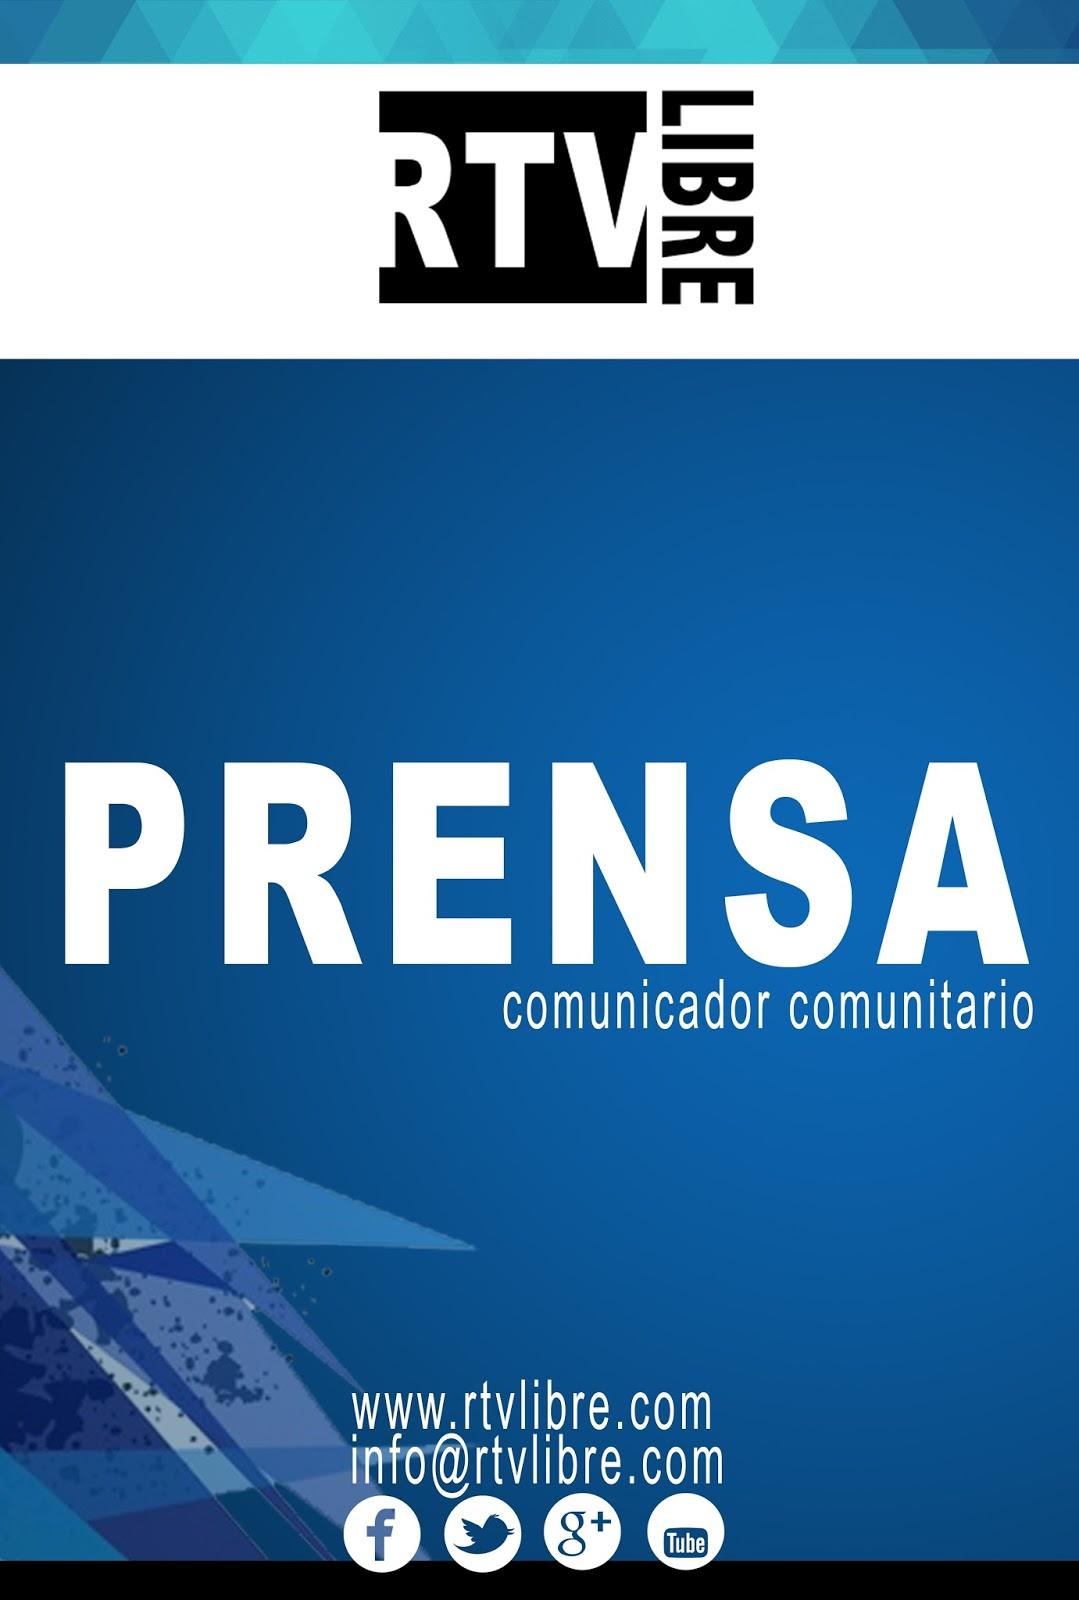 Creacion de paginas web guatemala: Carnets en PVC desde Q15